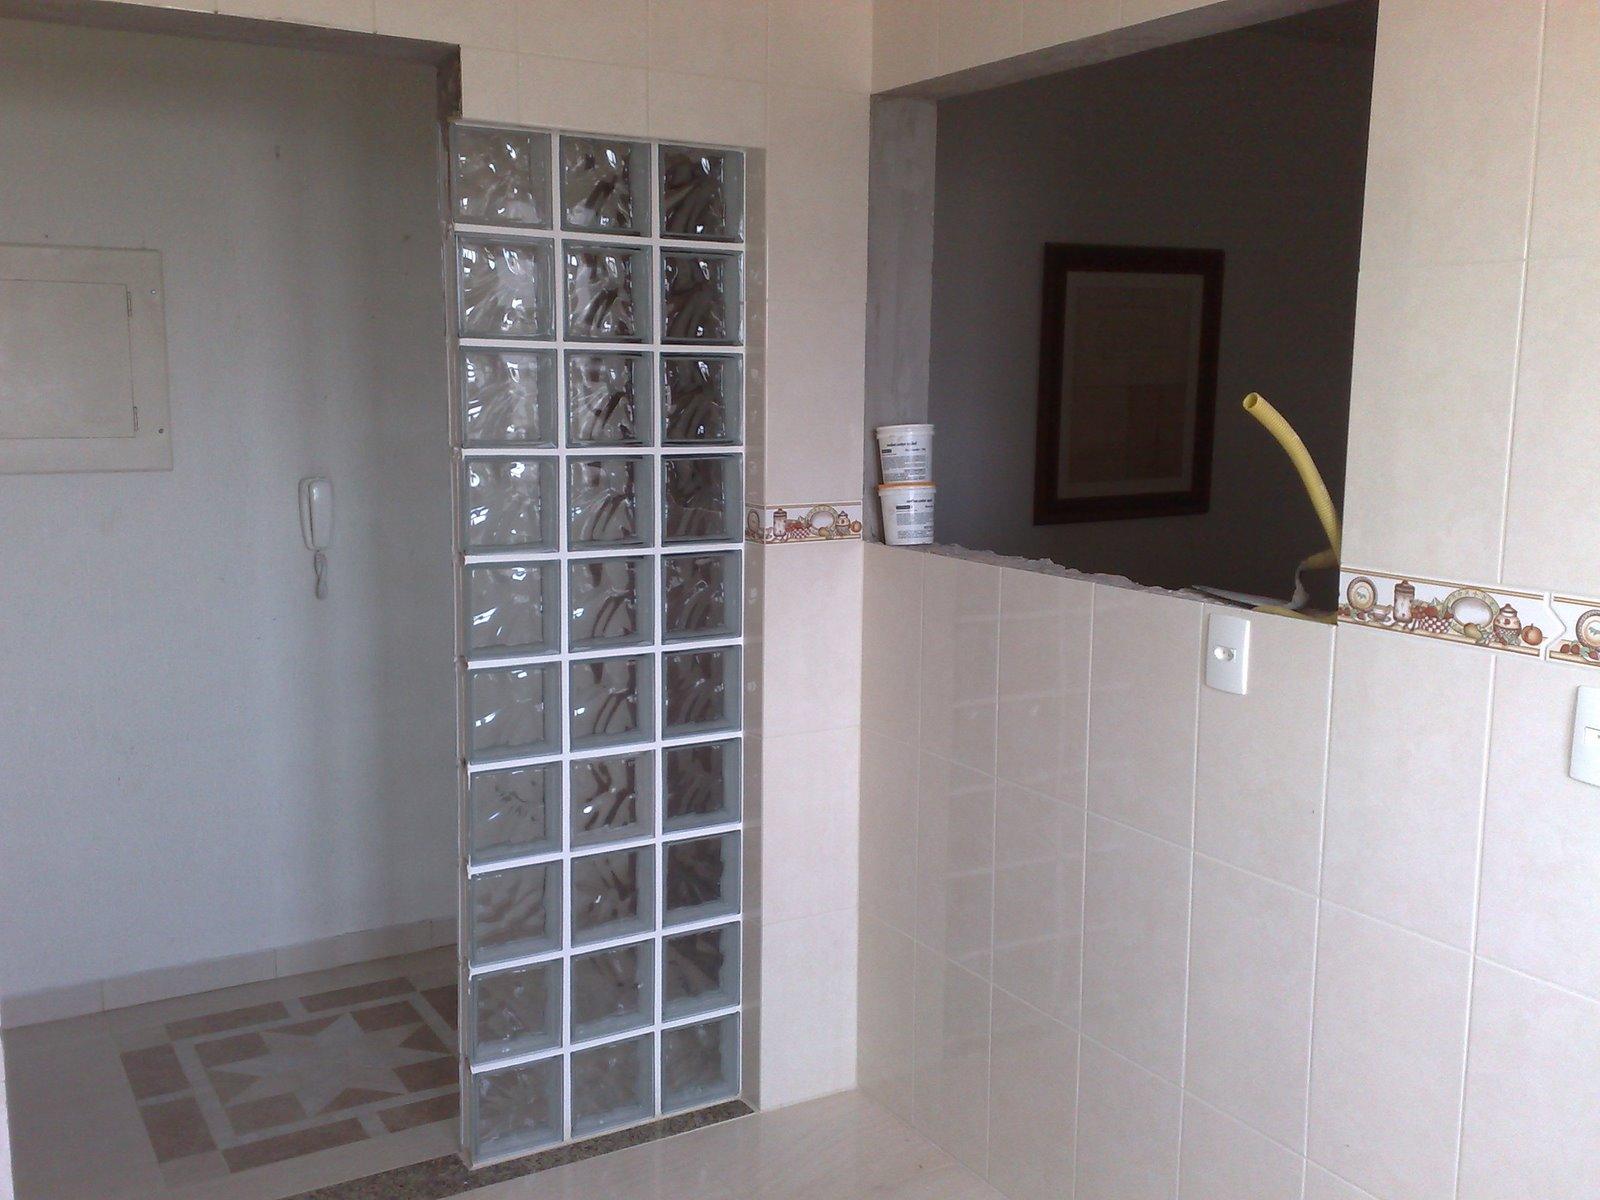 CONSTRUÇÃO E REFORMAS MÃO DE OBRA ESPECIALIZADA OZÉIAS DA ROSA  #796452 1600x1200 Banheiro Box Tijolo De Vidro